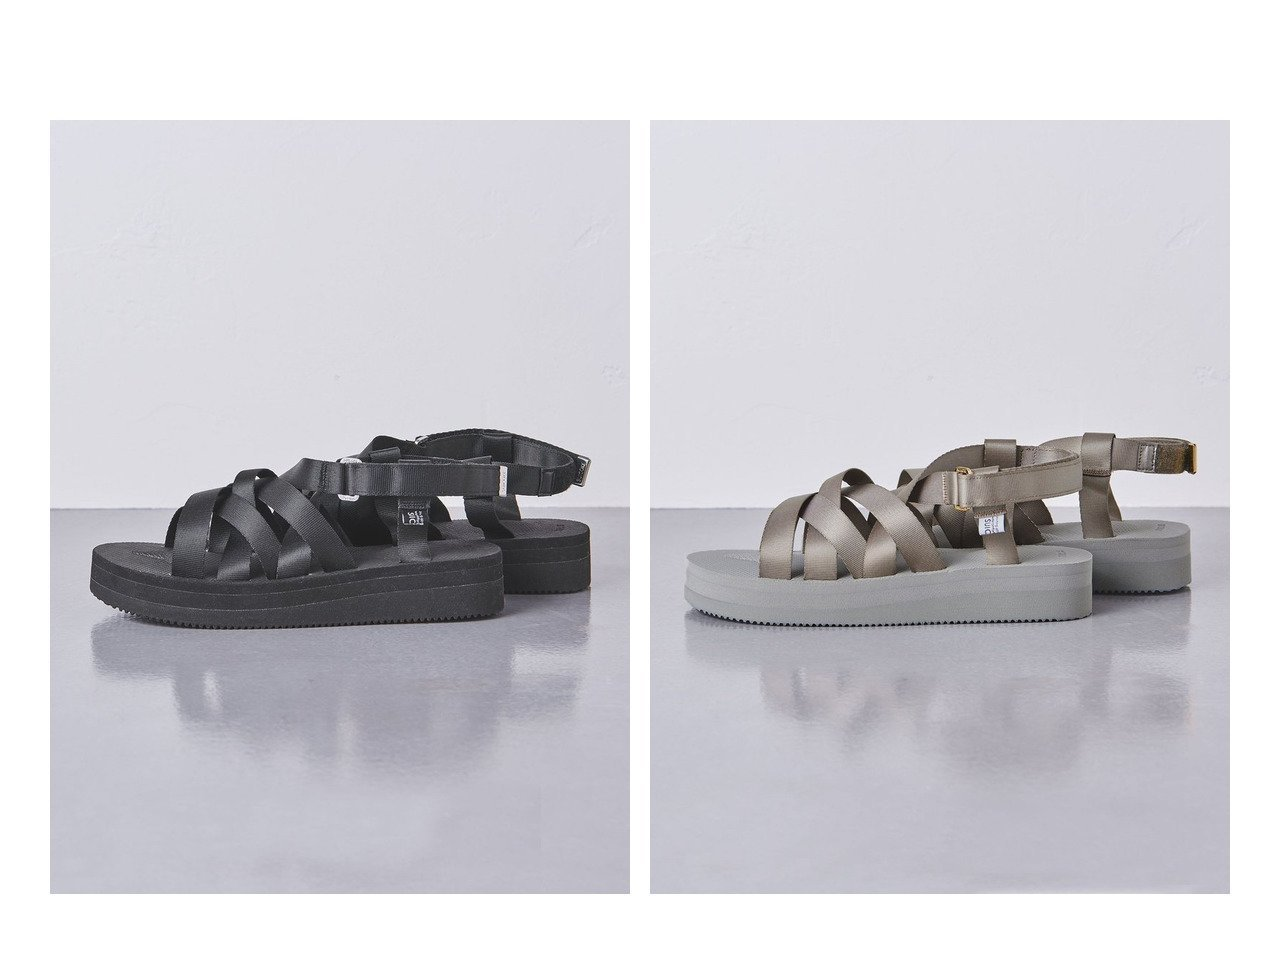 【UNITED ARROWS/ユナイテッドアローズ】の別注 SUICOKE(スイコック) SAMA サンダル† 【シューズ・靴】おすすめ!人気、トレンド・レディースファッションの通販 おすすめで人気の流行・トレンド、ファッションの通販商品 メンズファッション・キッズファッション・インテリア・家具・レディースファッション・服の通販 founy(ファニー) https://founy.com/ ファッション Fashion レディースファッション WOMEN NEW・新作・新着・新入荷 New Arrivals サンダル シューズ ミュール 別注 |ID:crp329100000027849